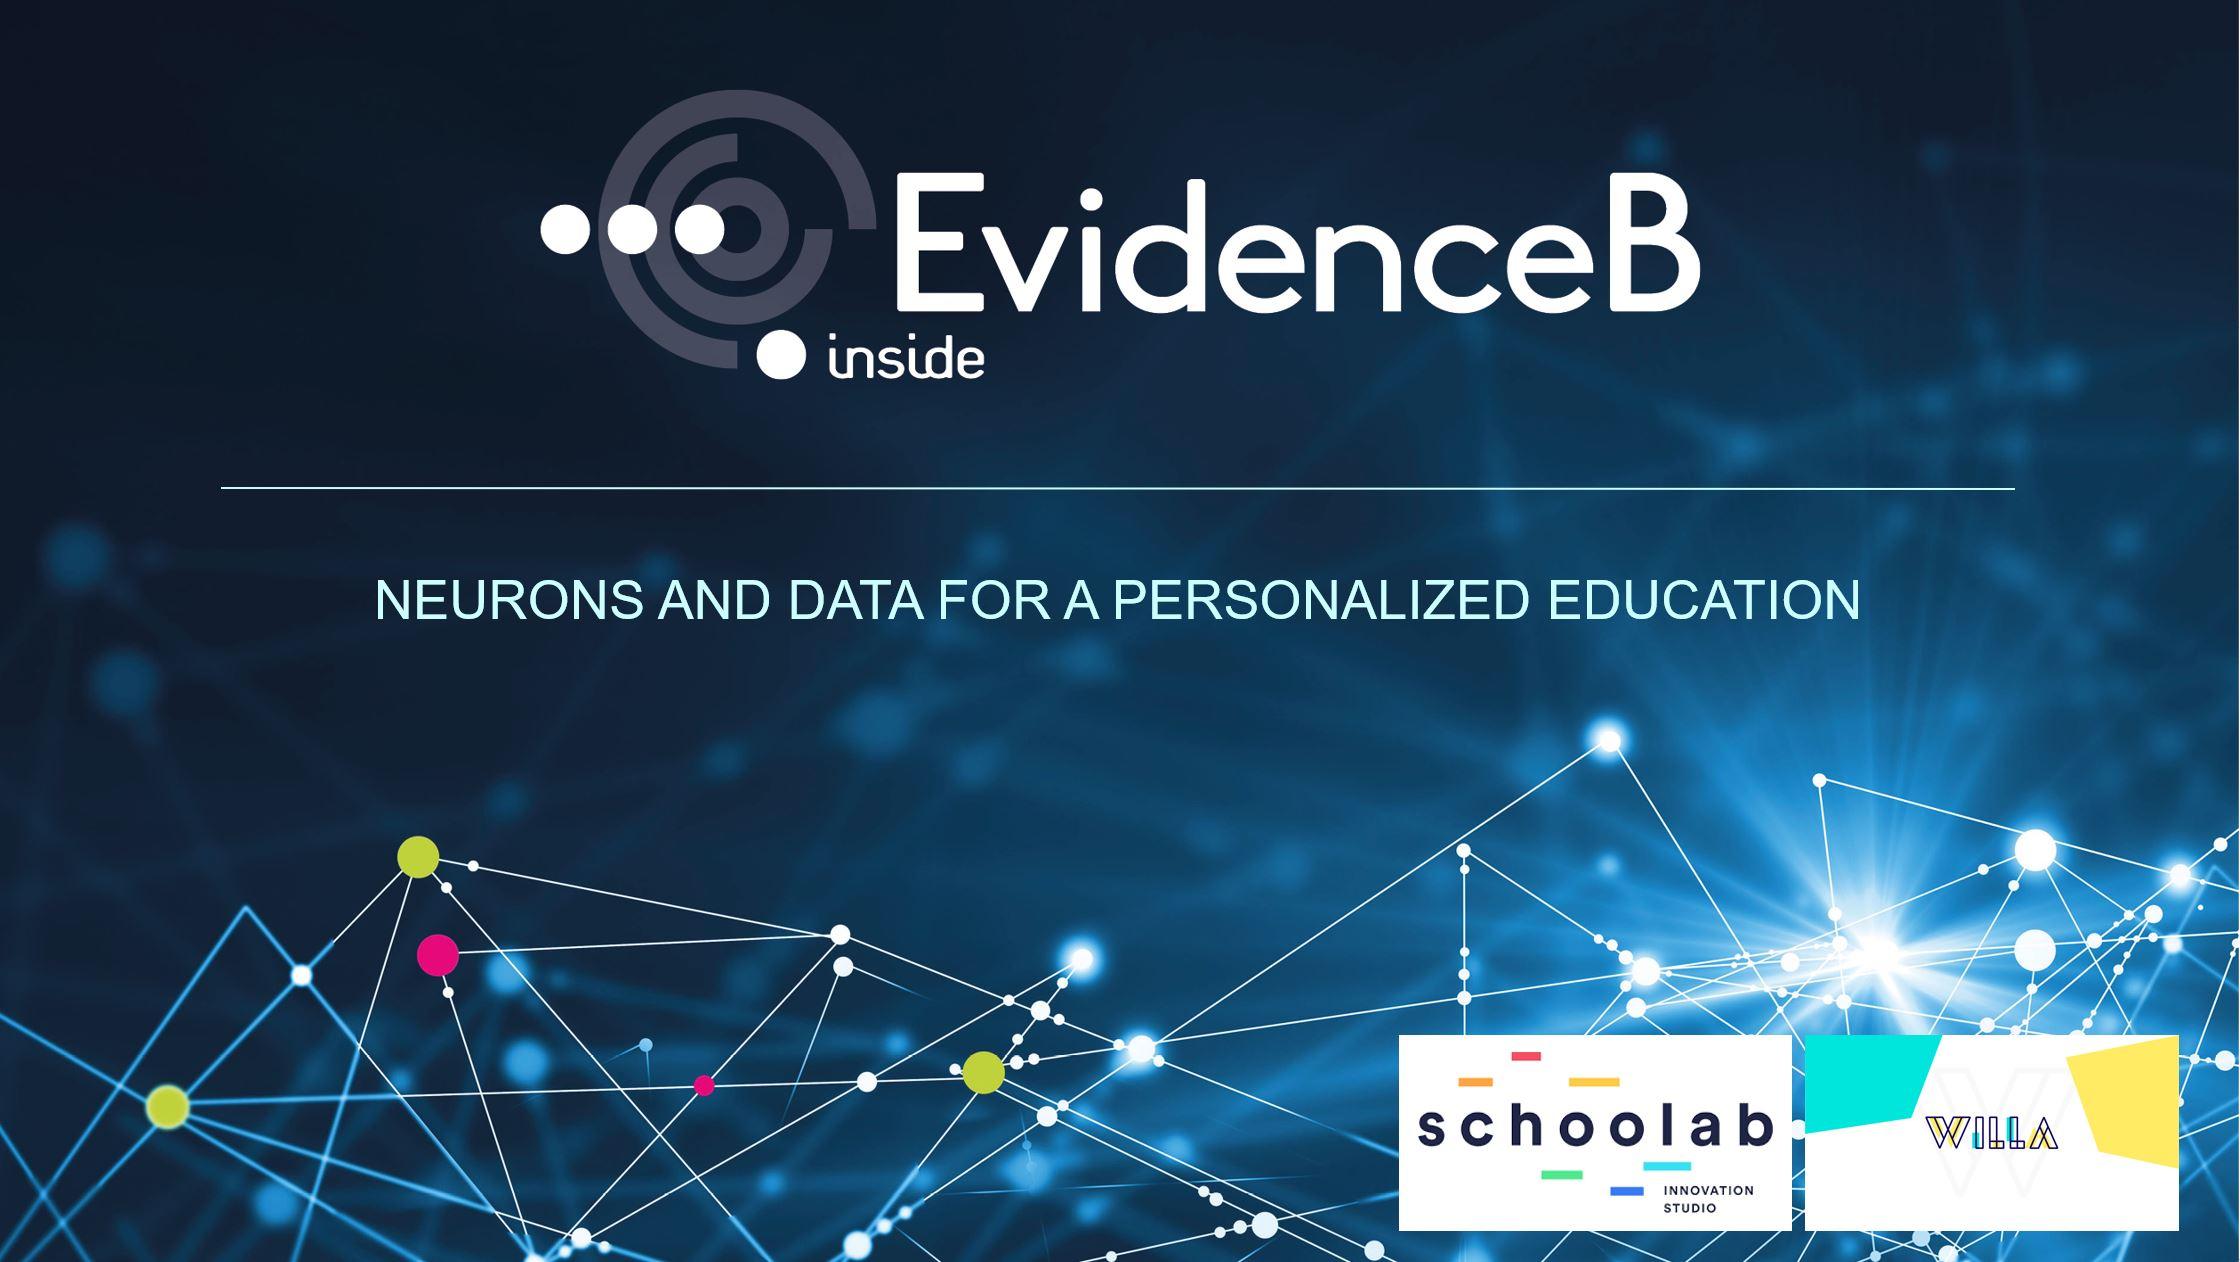 L'intelligence artificielle est présentée comme révolutionnaire pour de nombreux secteurs dont l'éducation. La start-up française EvidenceB kidscode